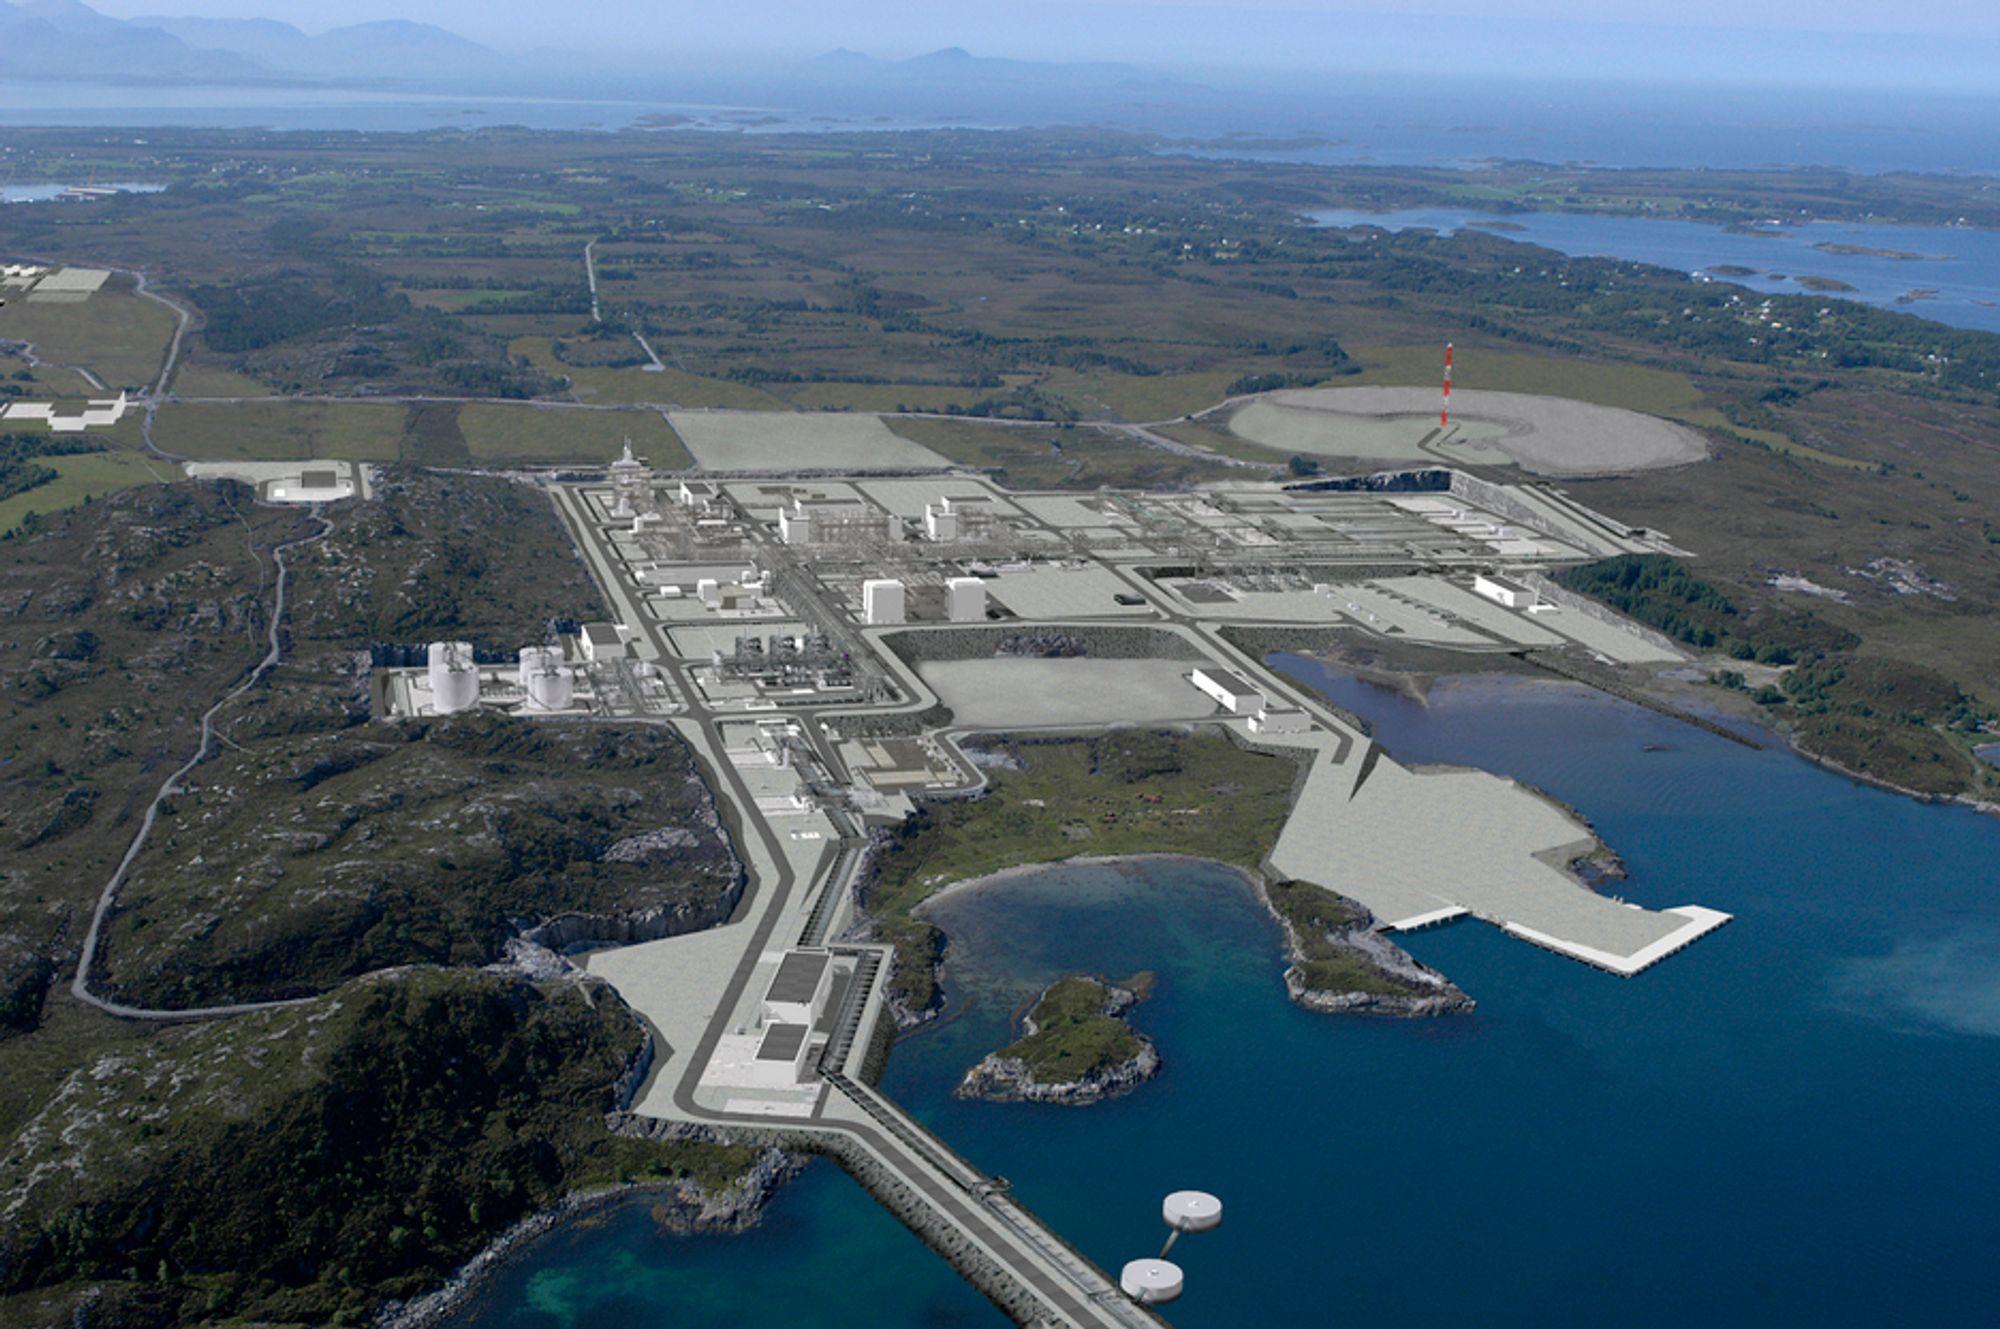 Nyhamna i Aukra kommune. Det var her i tilknytning til Ormen Lange-anlegget gasskraftanlegget var planlagt.